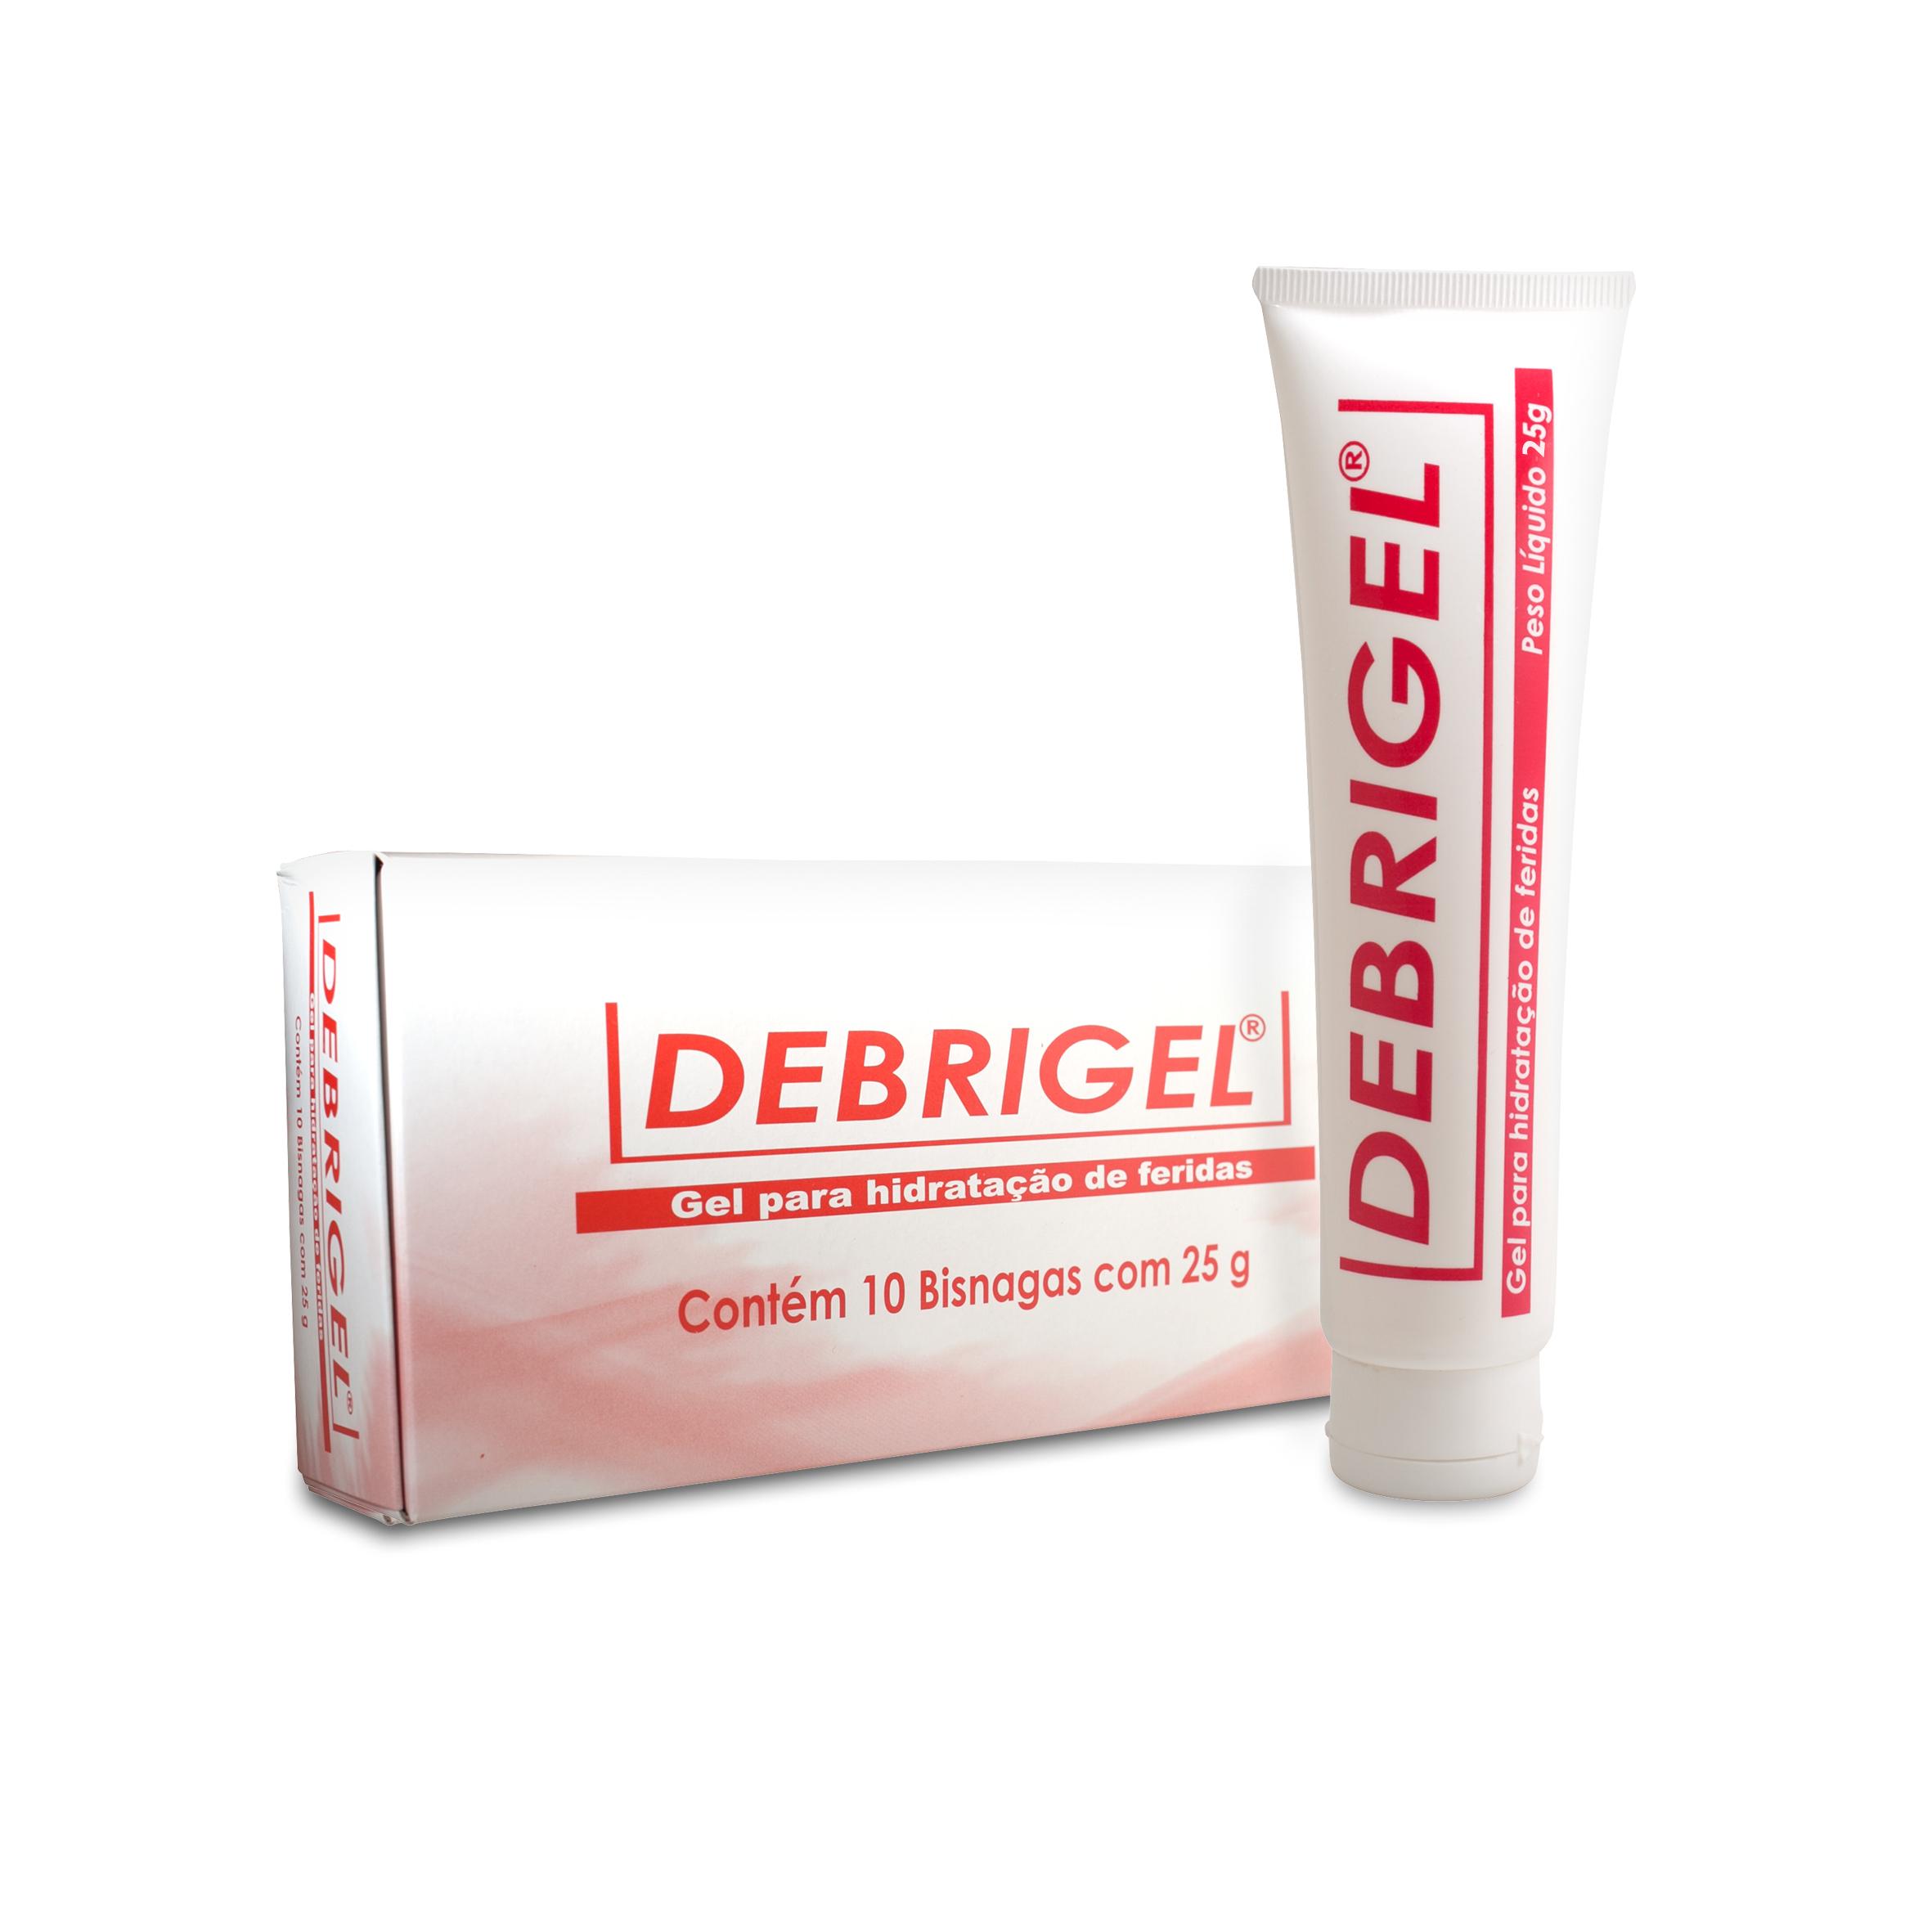 Debrigel 85g Image